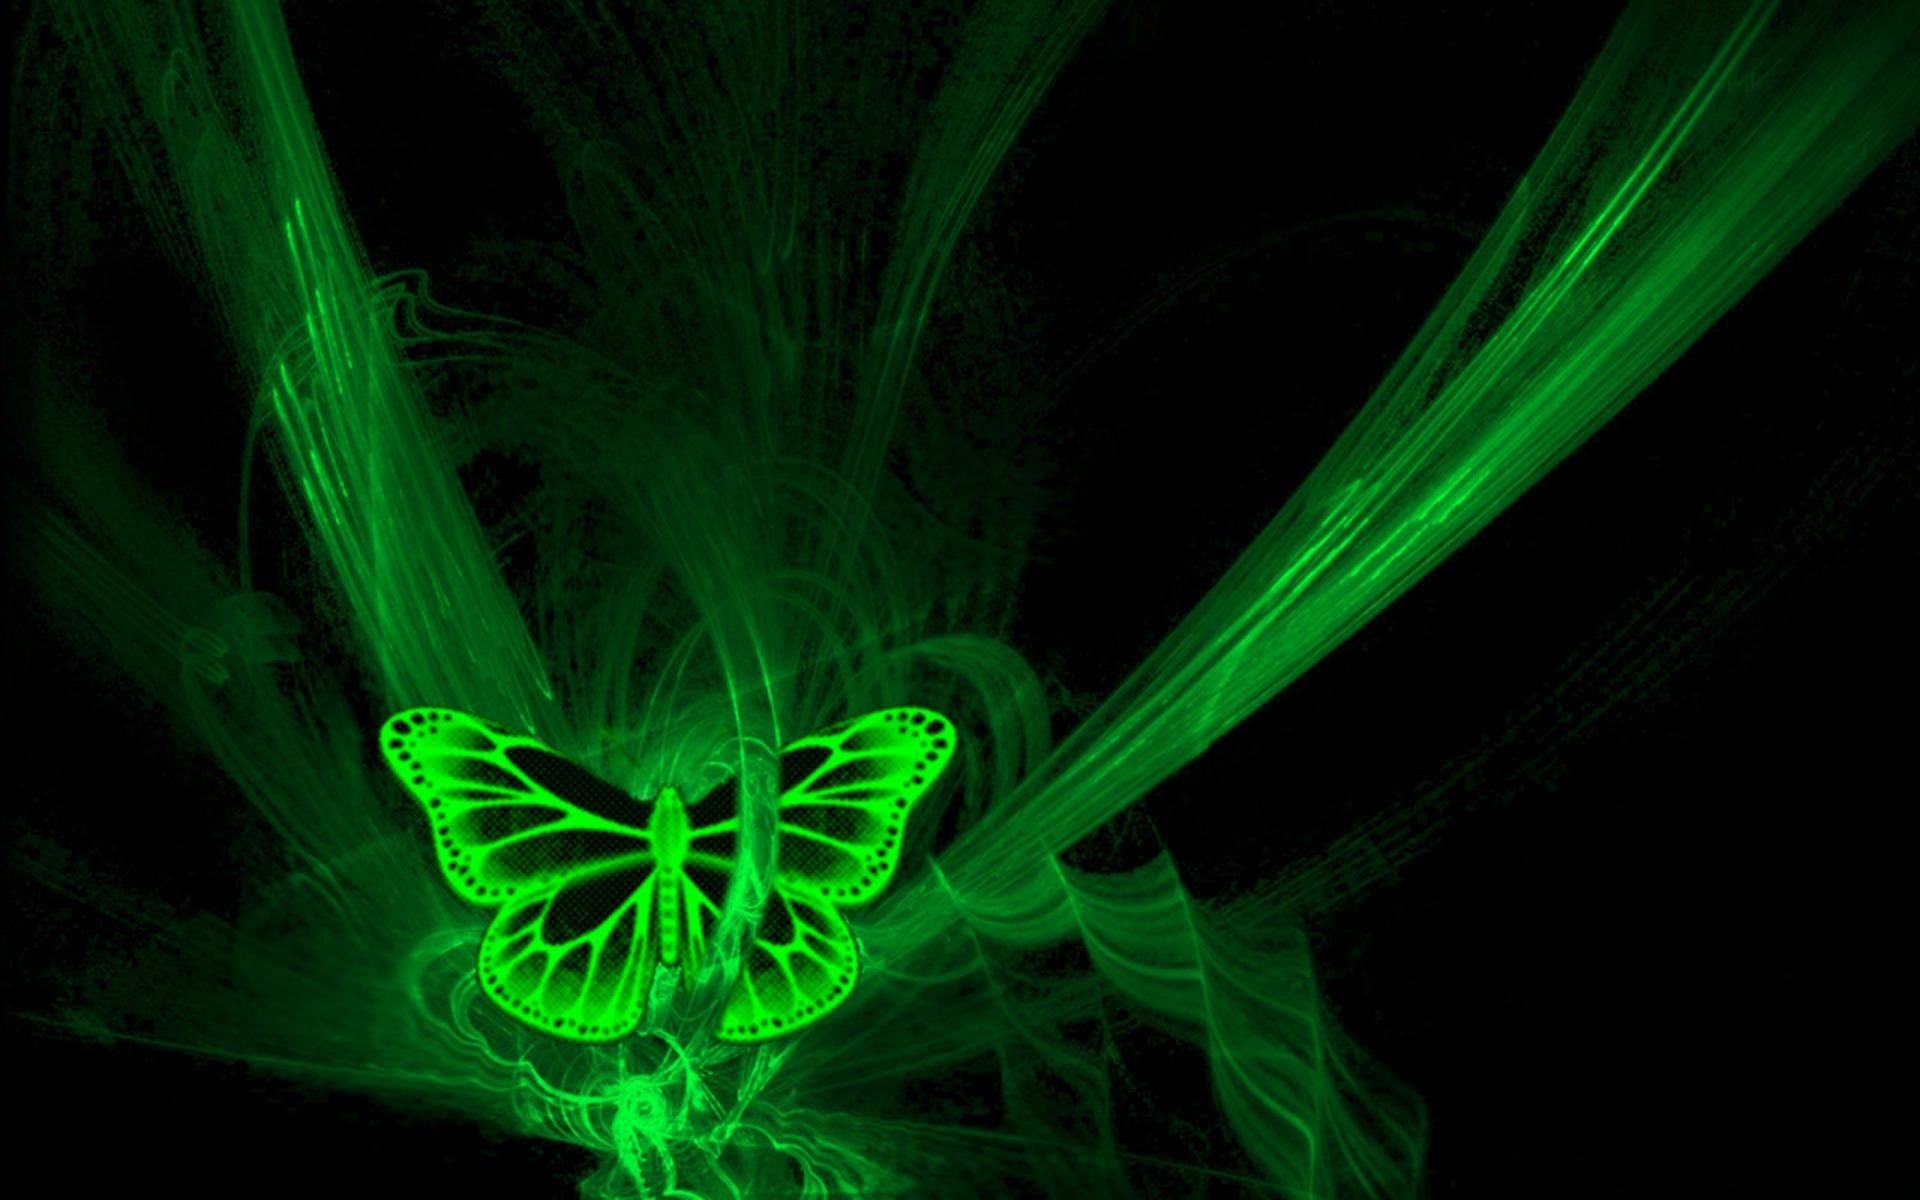 Картинки на телефон красивые и крутые бабочки, марта для детских